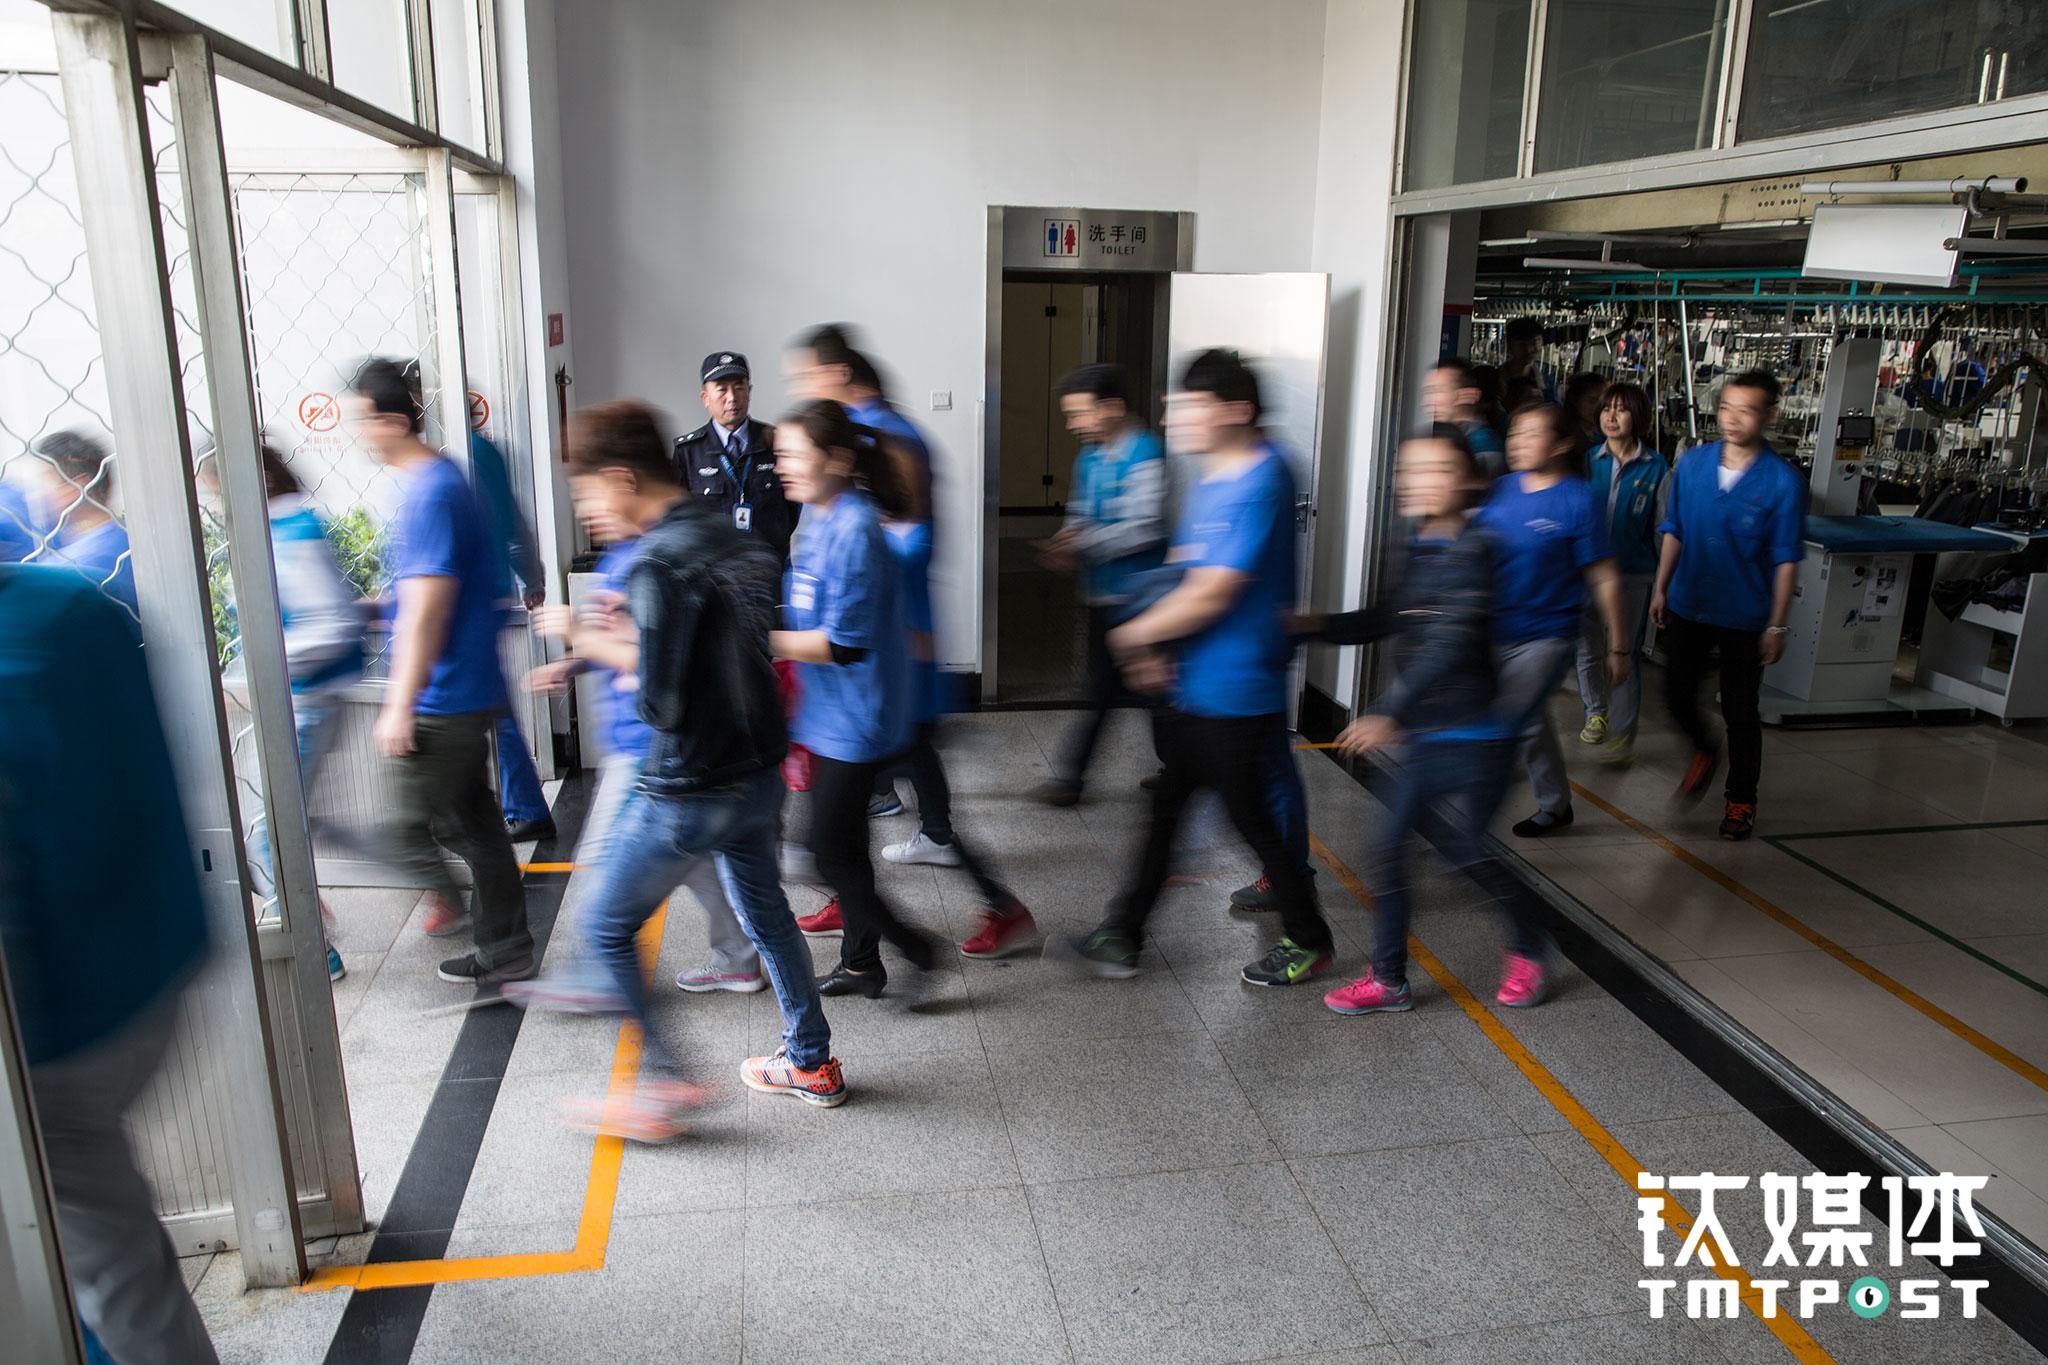 工作日每天中午11:35开始,工厂2000多名工人陆续分成四批到食堂吃饭。